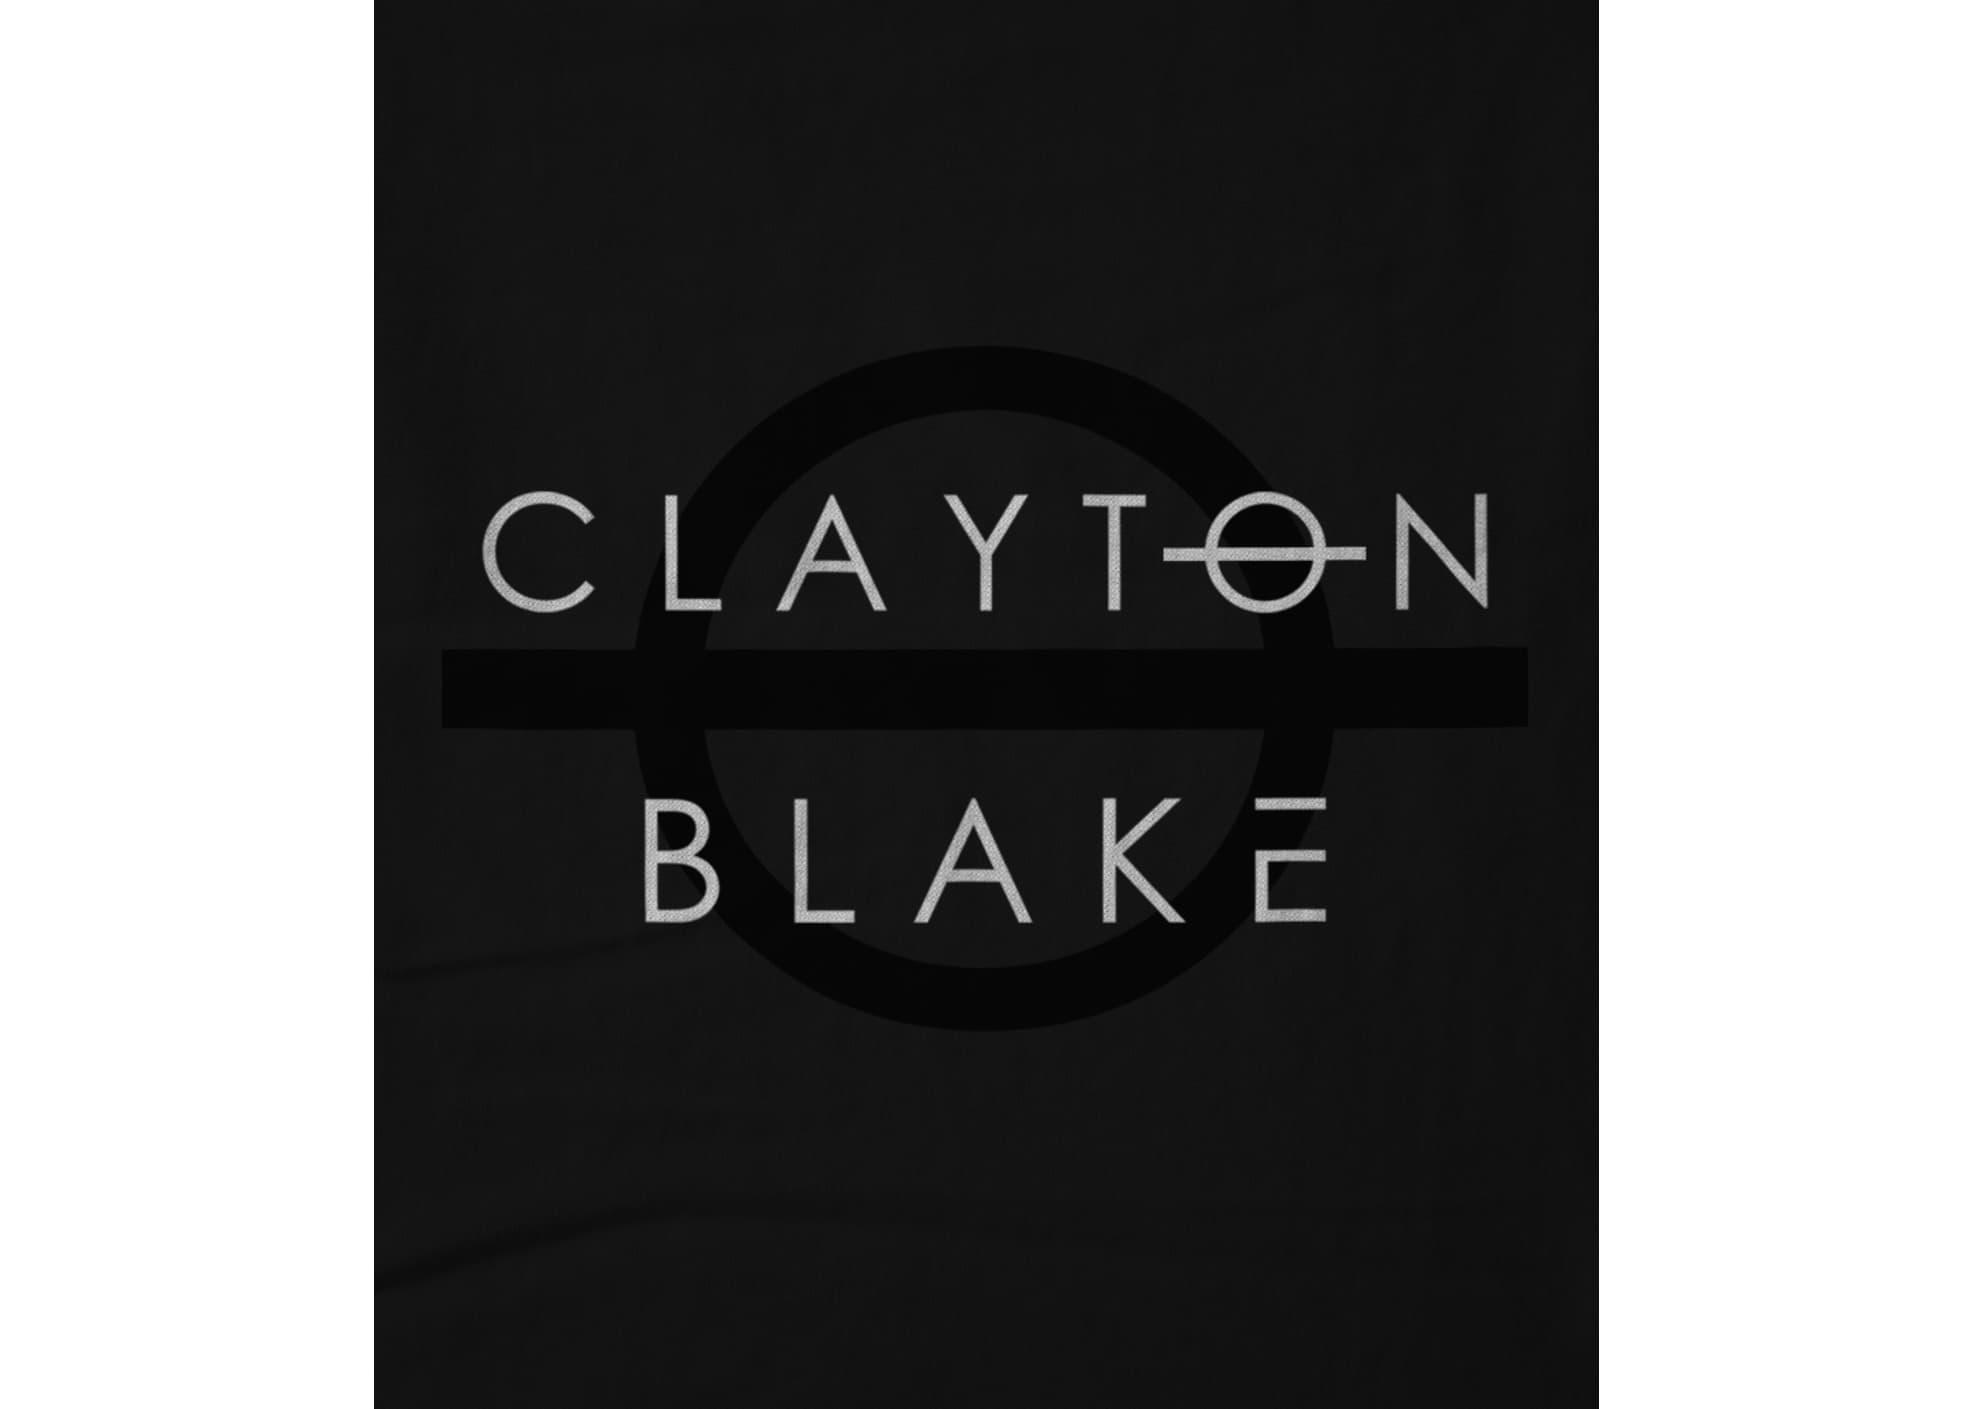 Clayton blake clayton blake defiant 1609992102